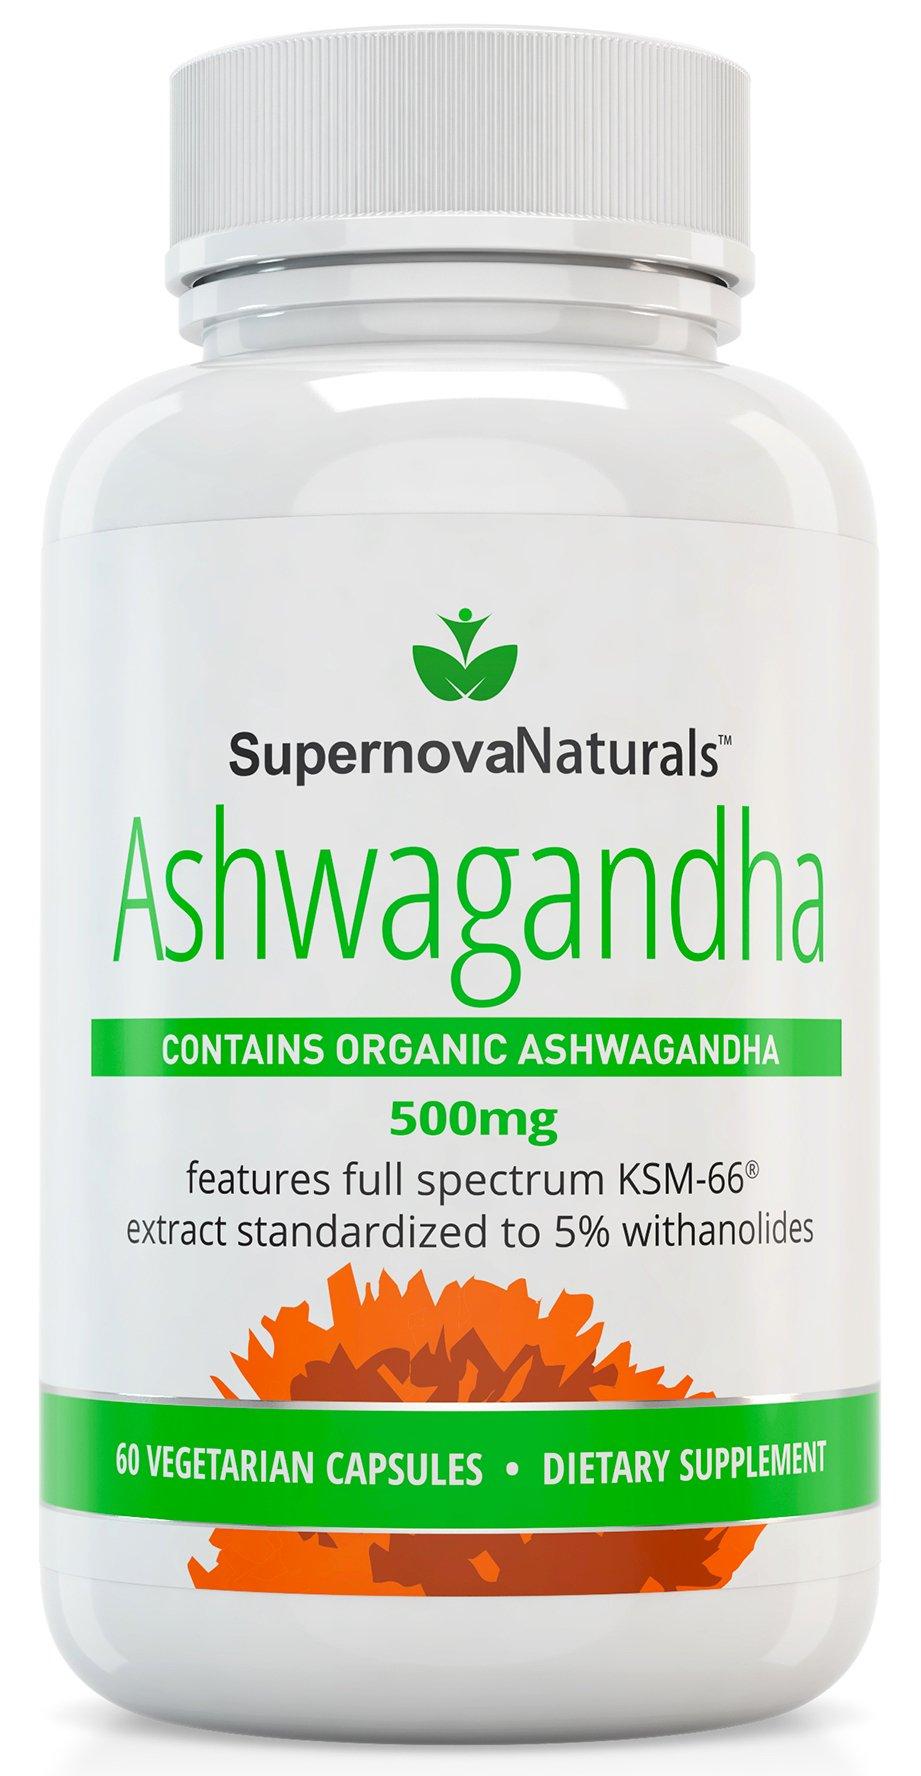 Supernova Naturals Organic Ashwagandha KSM-66 500mg